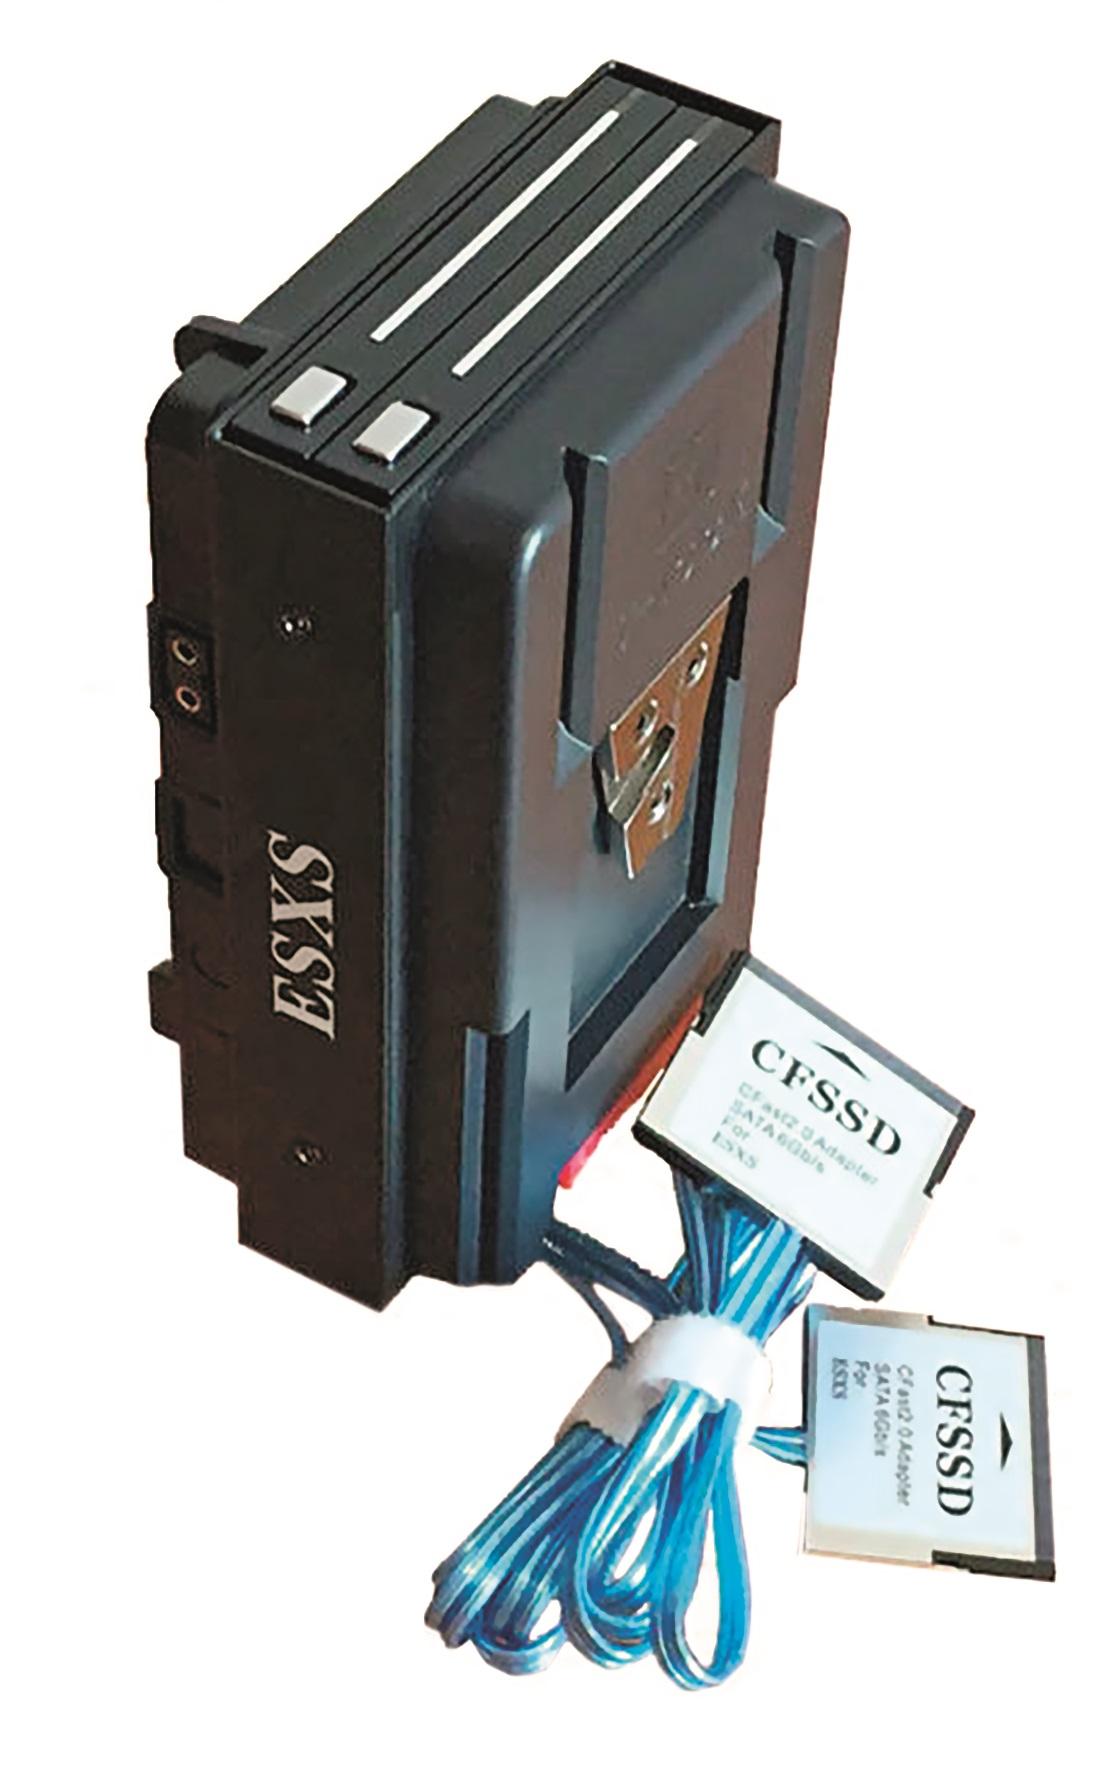 Diese chinesische Variante mit CFast-Adaptern kostet 275 Euro inkl. Versand zzgl. Importkosten.